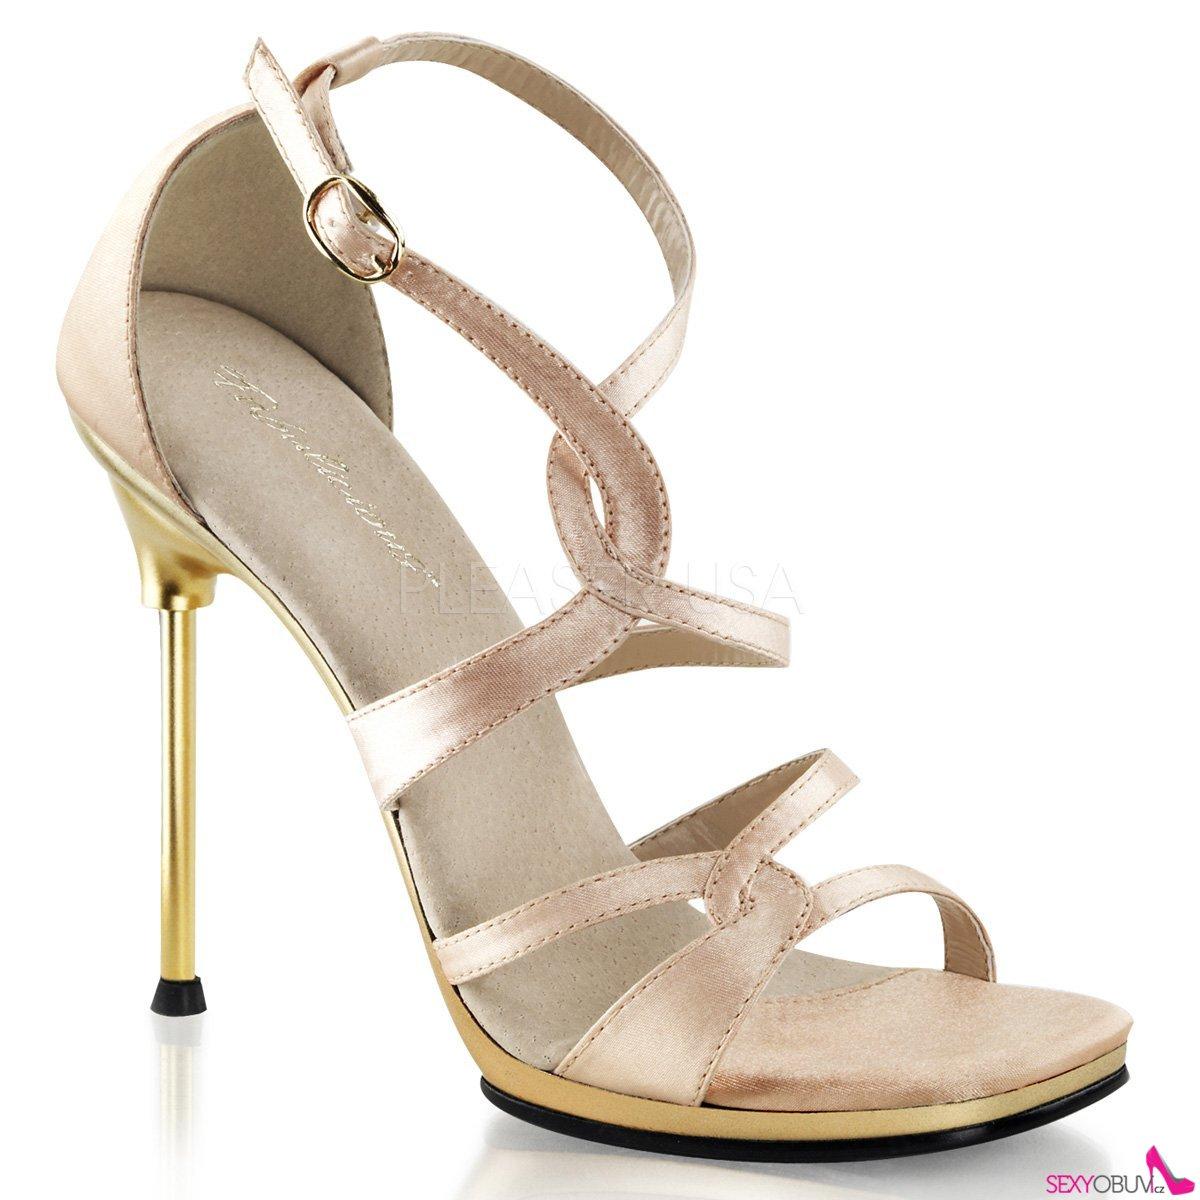 bfd4ecdad0 CHIC-46 Páskové společenské boty na podpatku